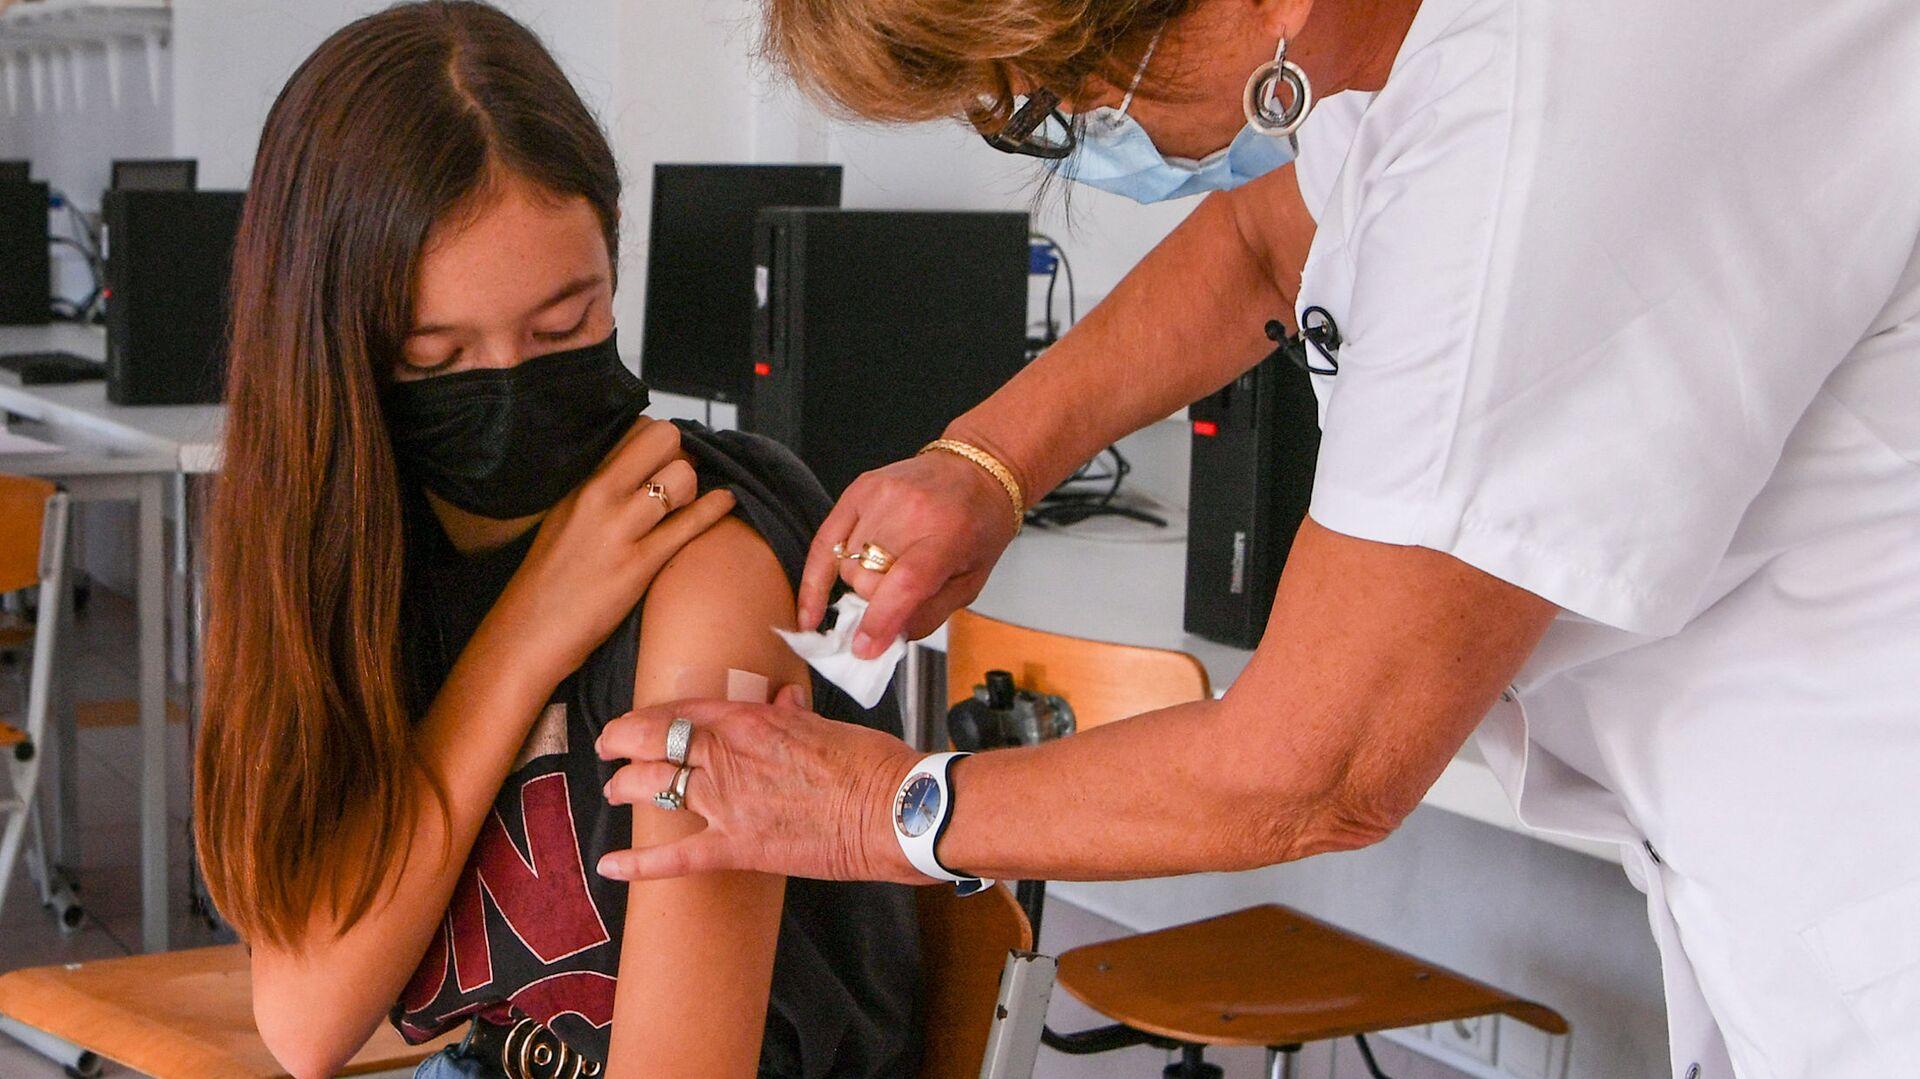 Вакцинация подростка от коронавируса, фото из архива - Sputnik Azərbaycan, 1920, 13.10.2021